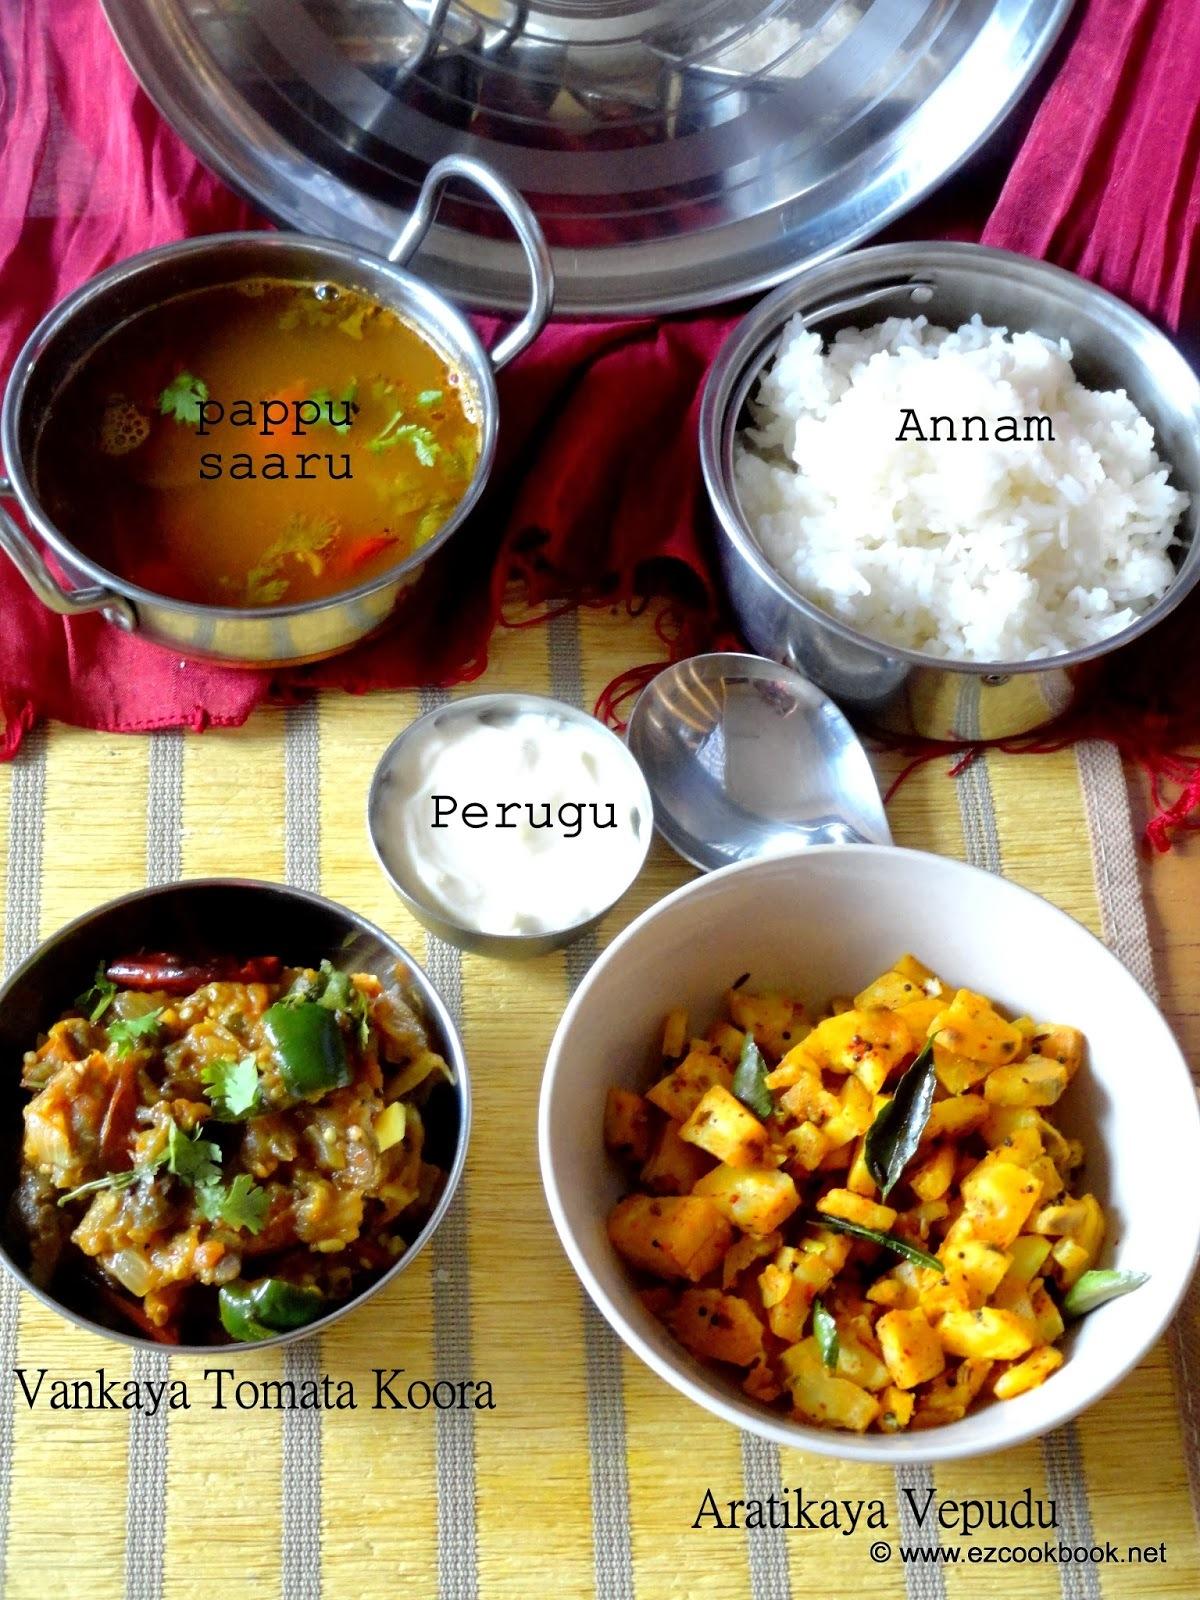 Simple Home Style Telugu Lunch Menu (Vegetarian meal) | ezcookbook